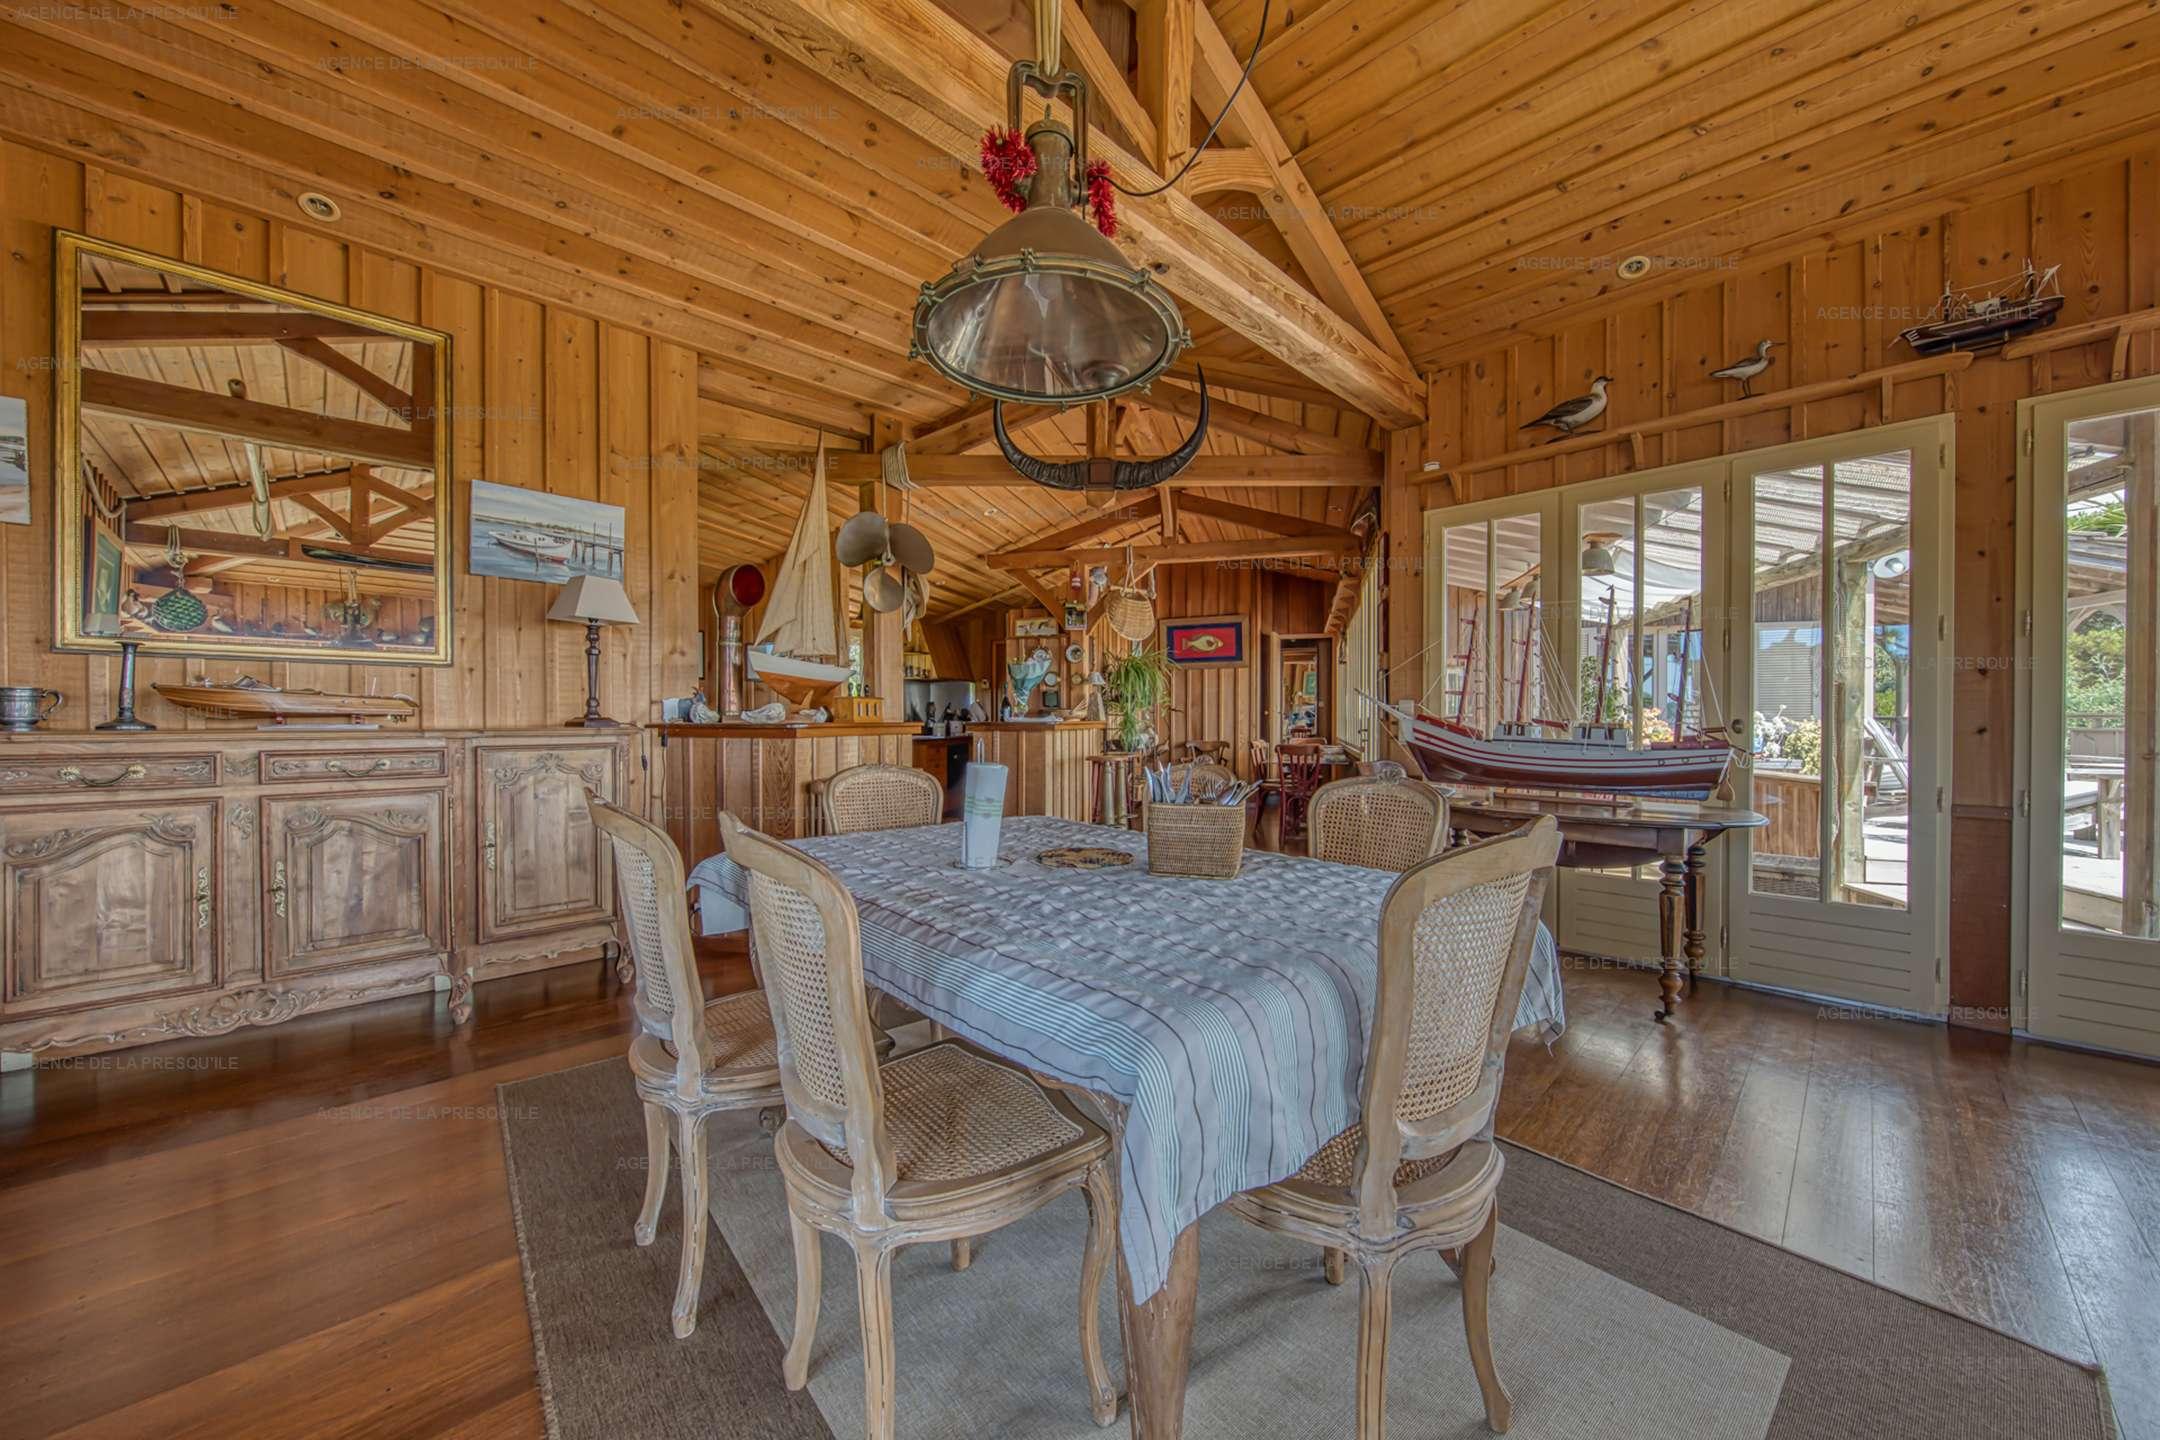 Location: Très belle villa en bois avec vue panoramique sur le bassin 6